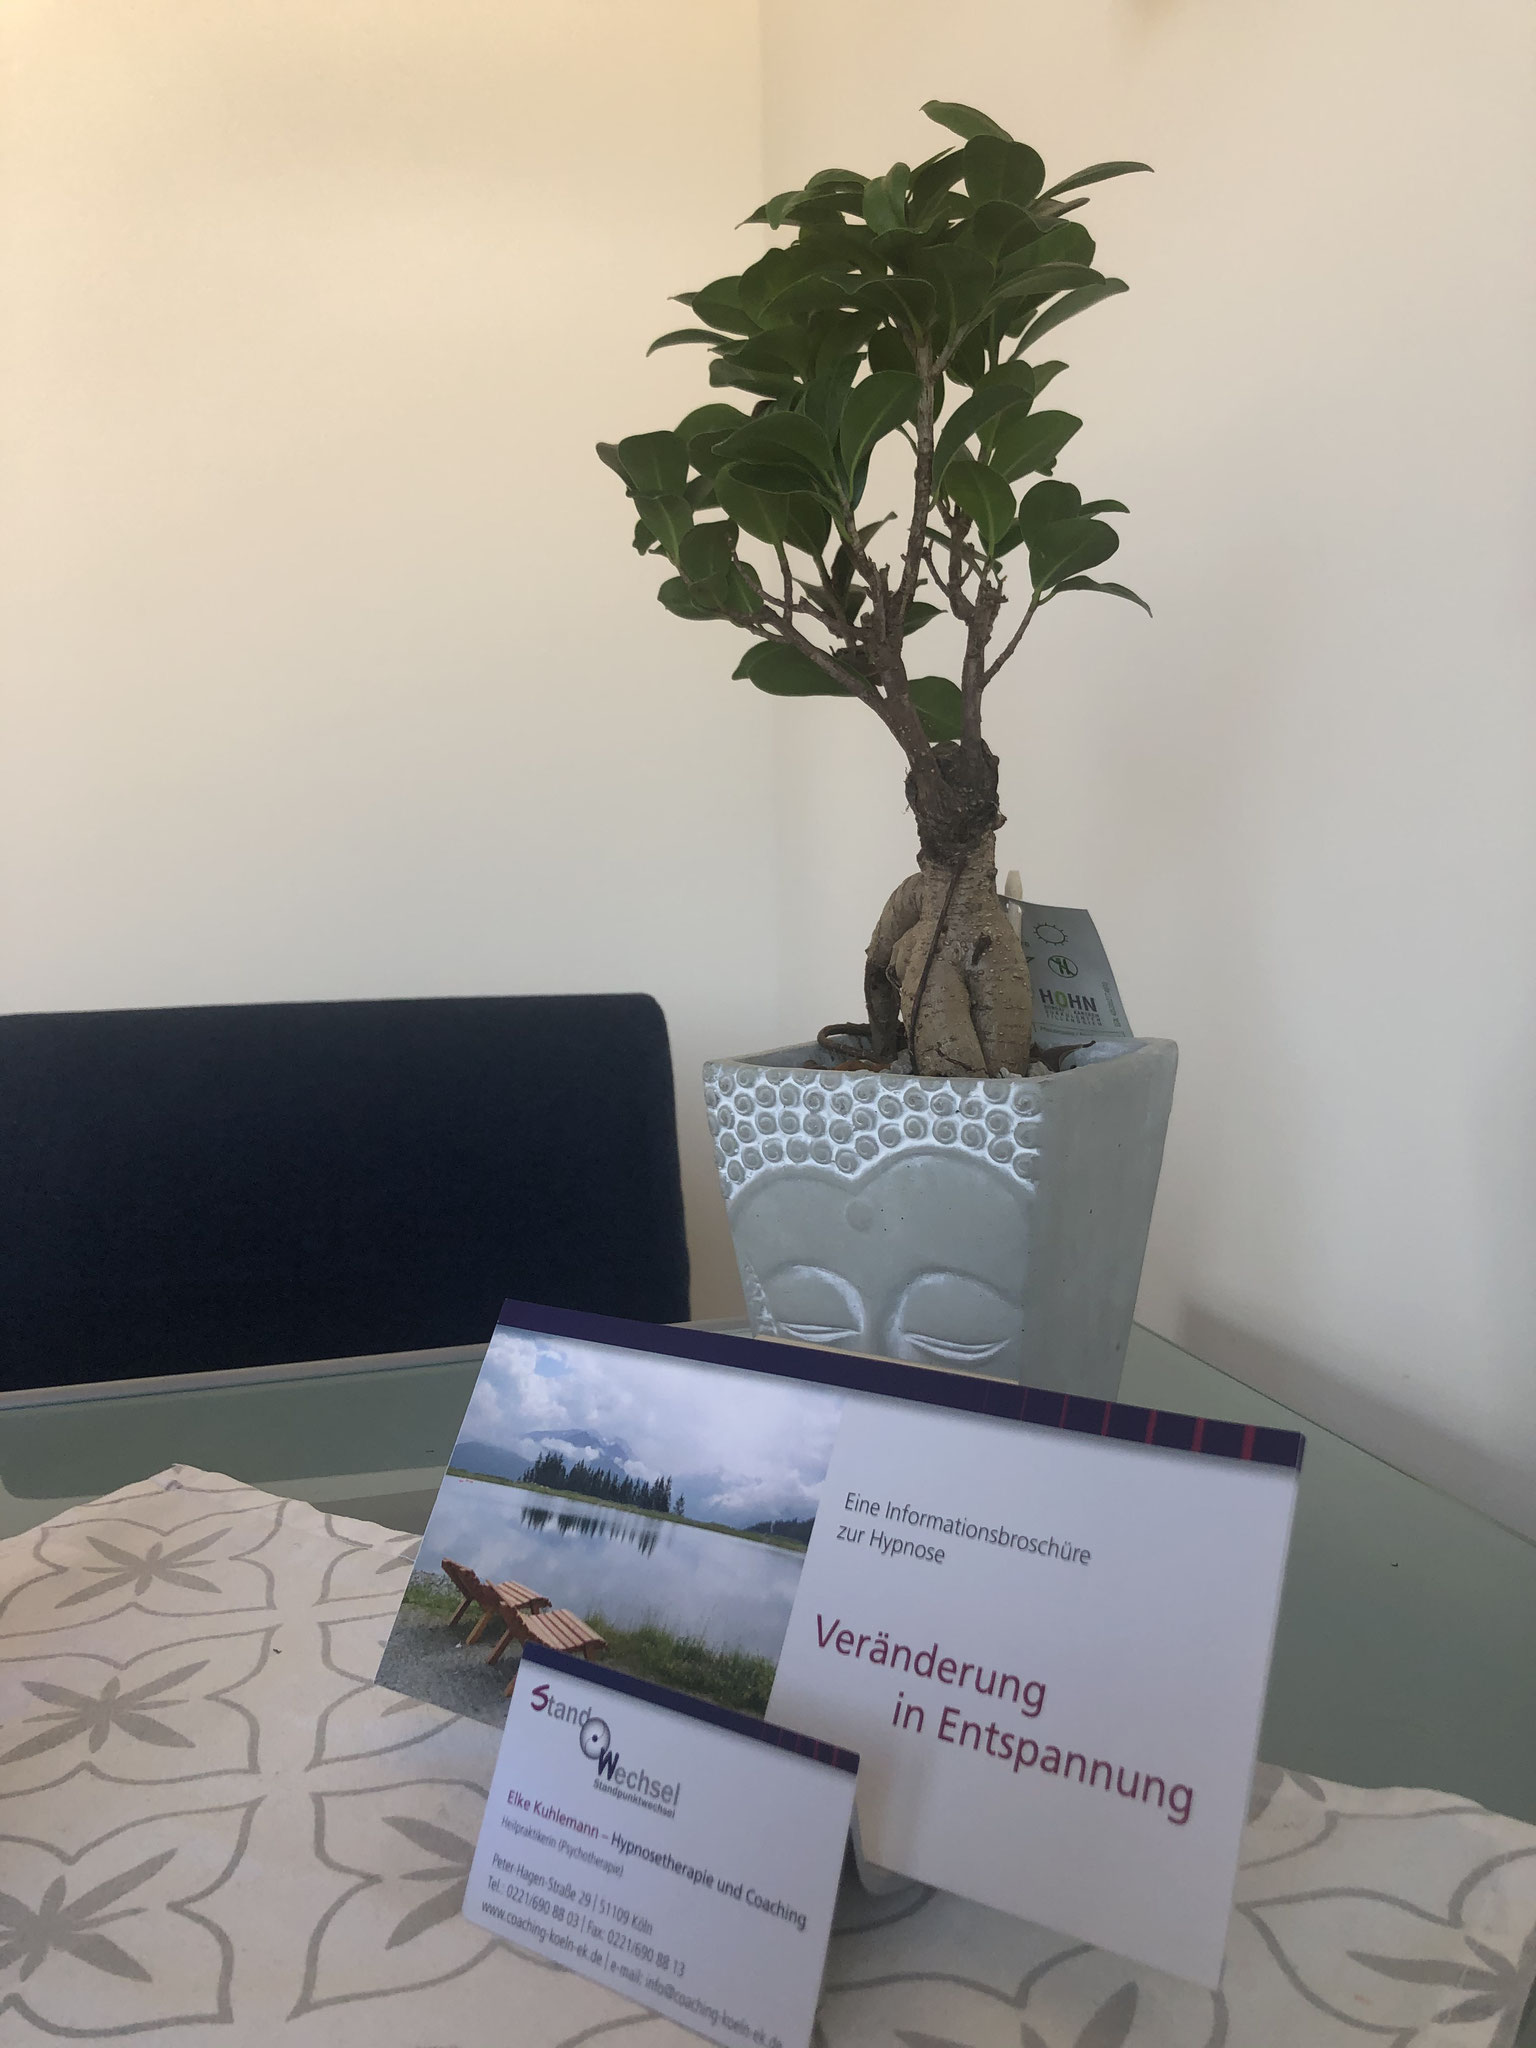 Ein Baum als Kraftsymbol zur Unterstützung